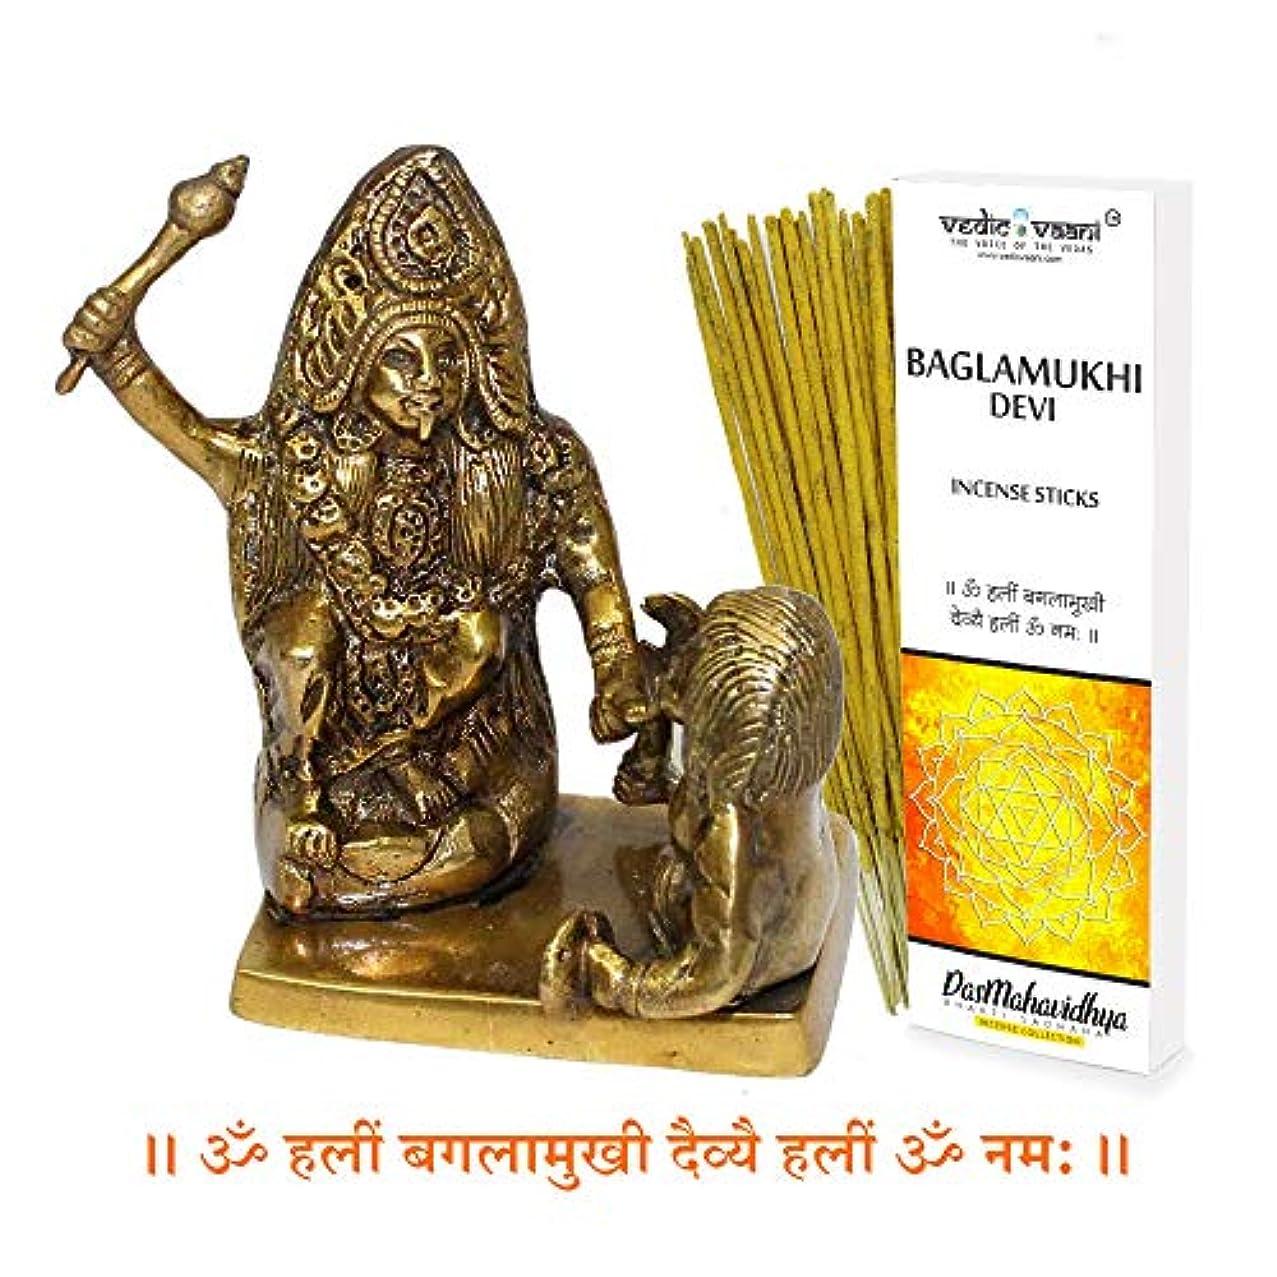 フレッシュ列挙する特権Vedic Vaani バグラムキ像 バガラムキ香スティック付き